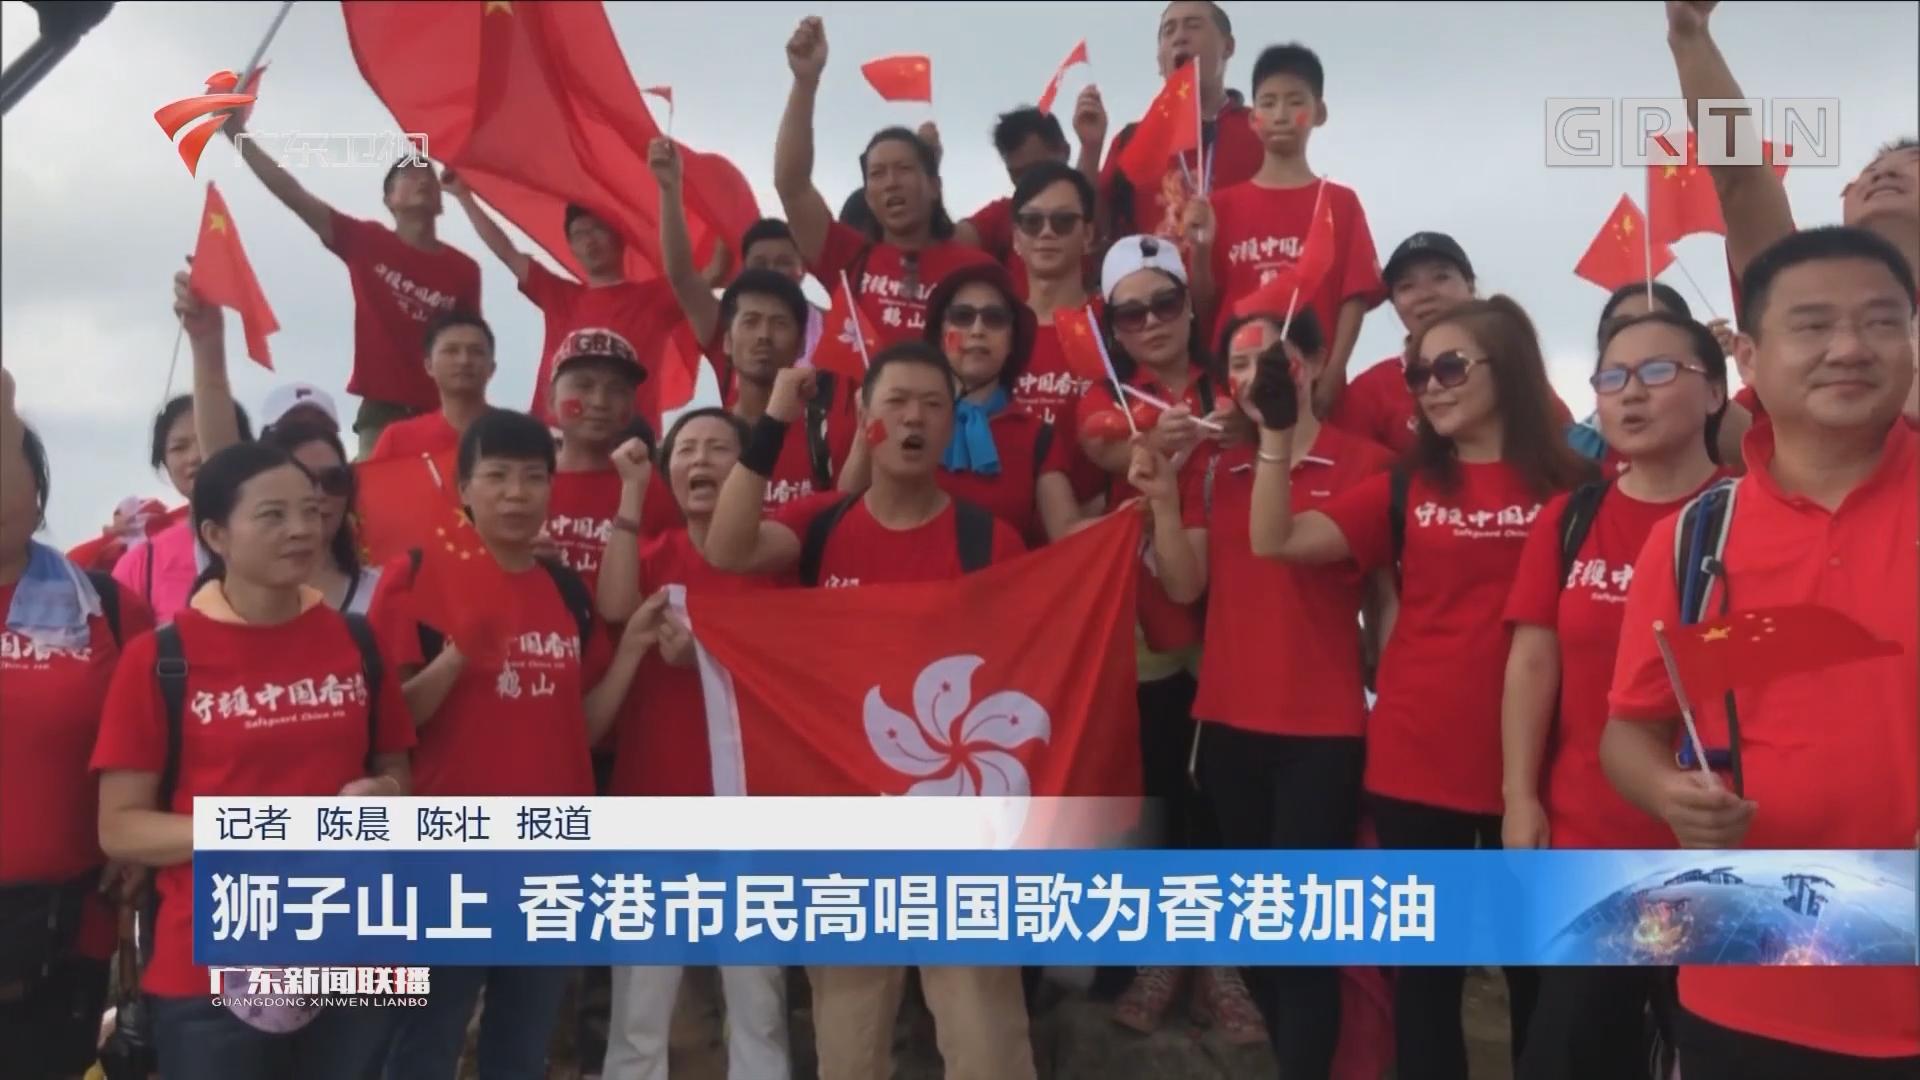 狮子山上 香港市民高唱国歌为香港加油